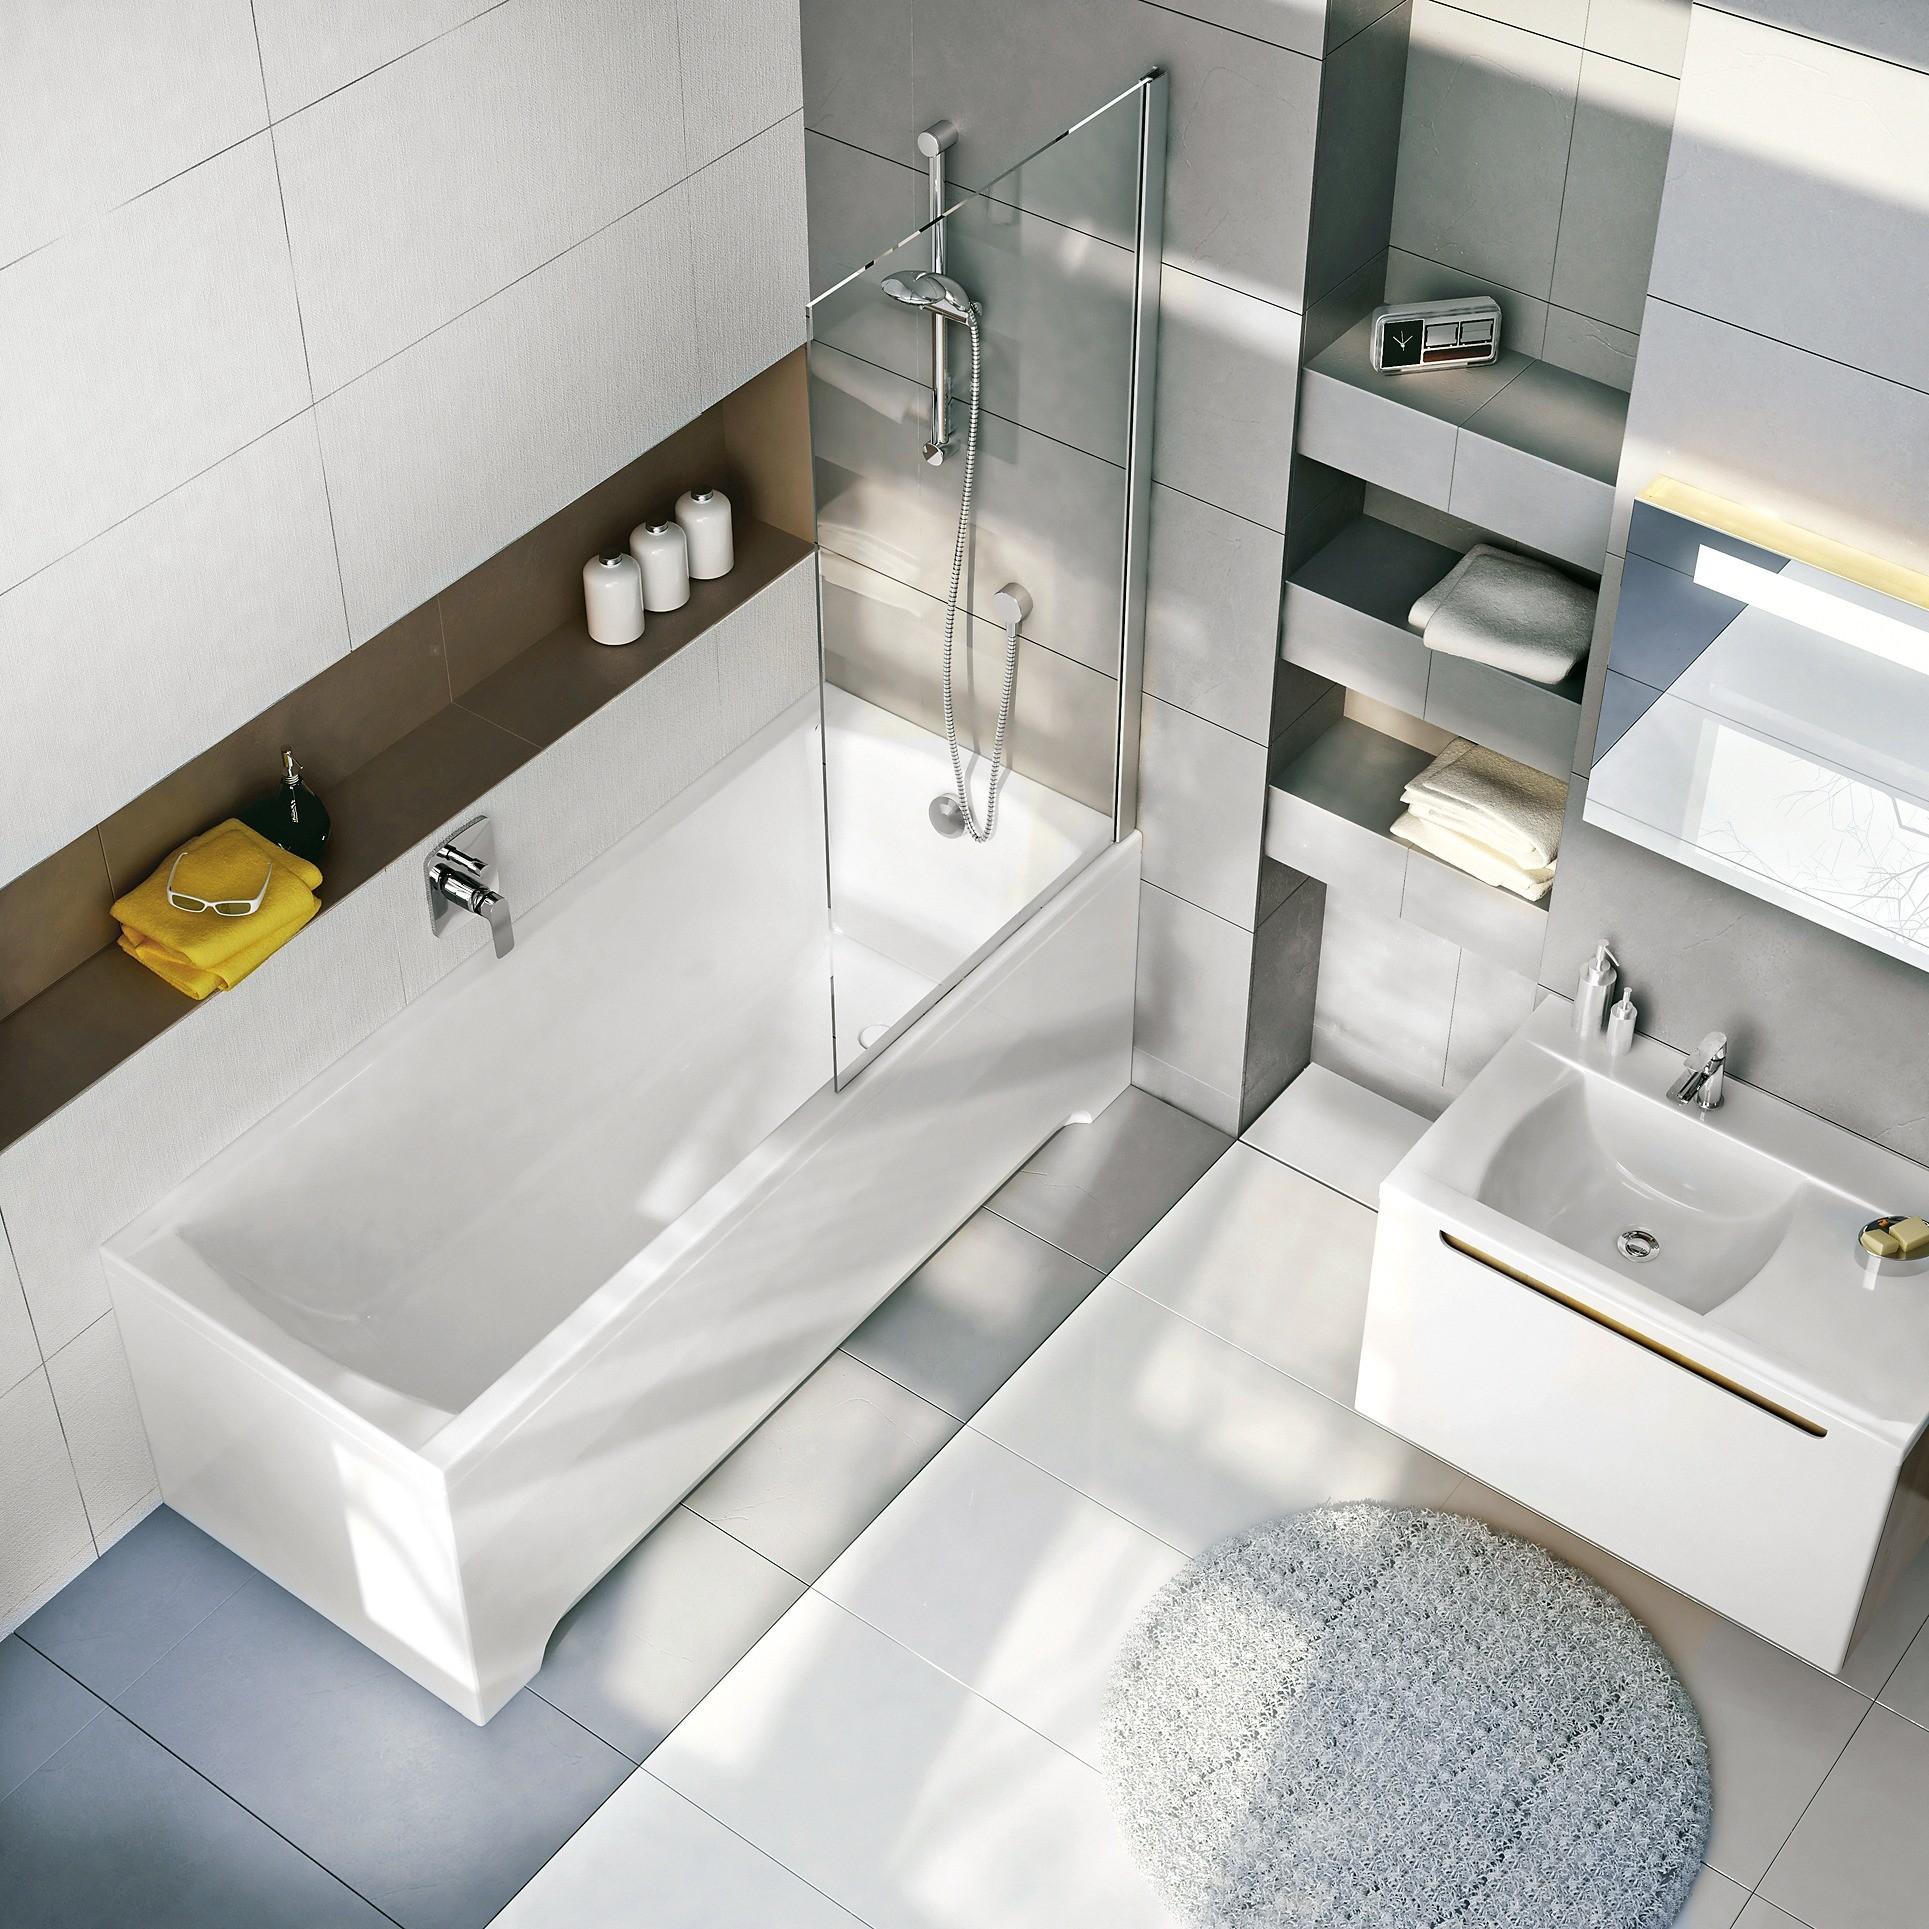 Одноместные пристенные прямоугольные ванны из100%-го литьевого акрила: модель Classic (от 28 300 руб.), фронтальная ибоковая панели-экраны предлагаются дополнительно